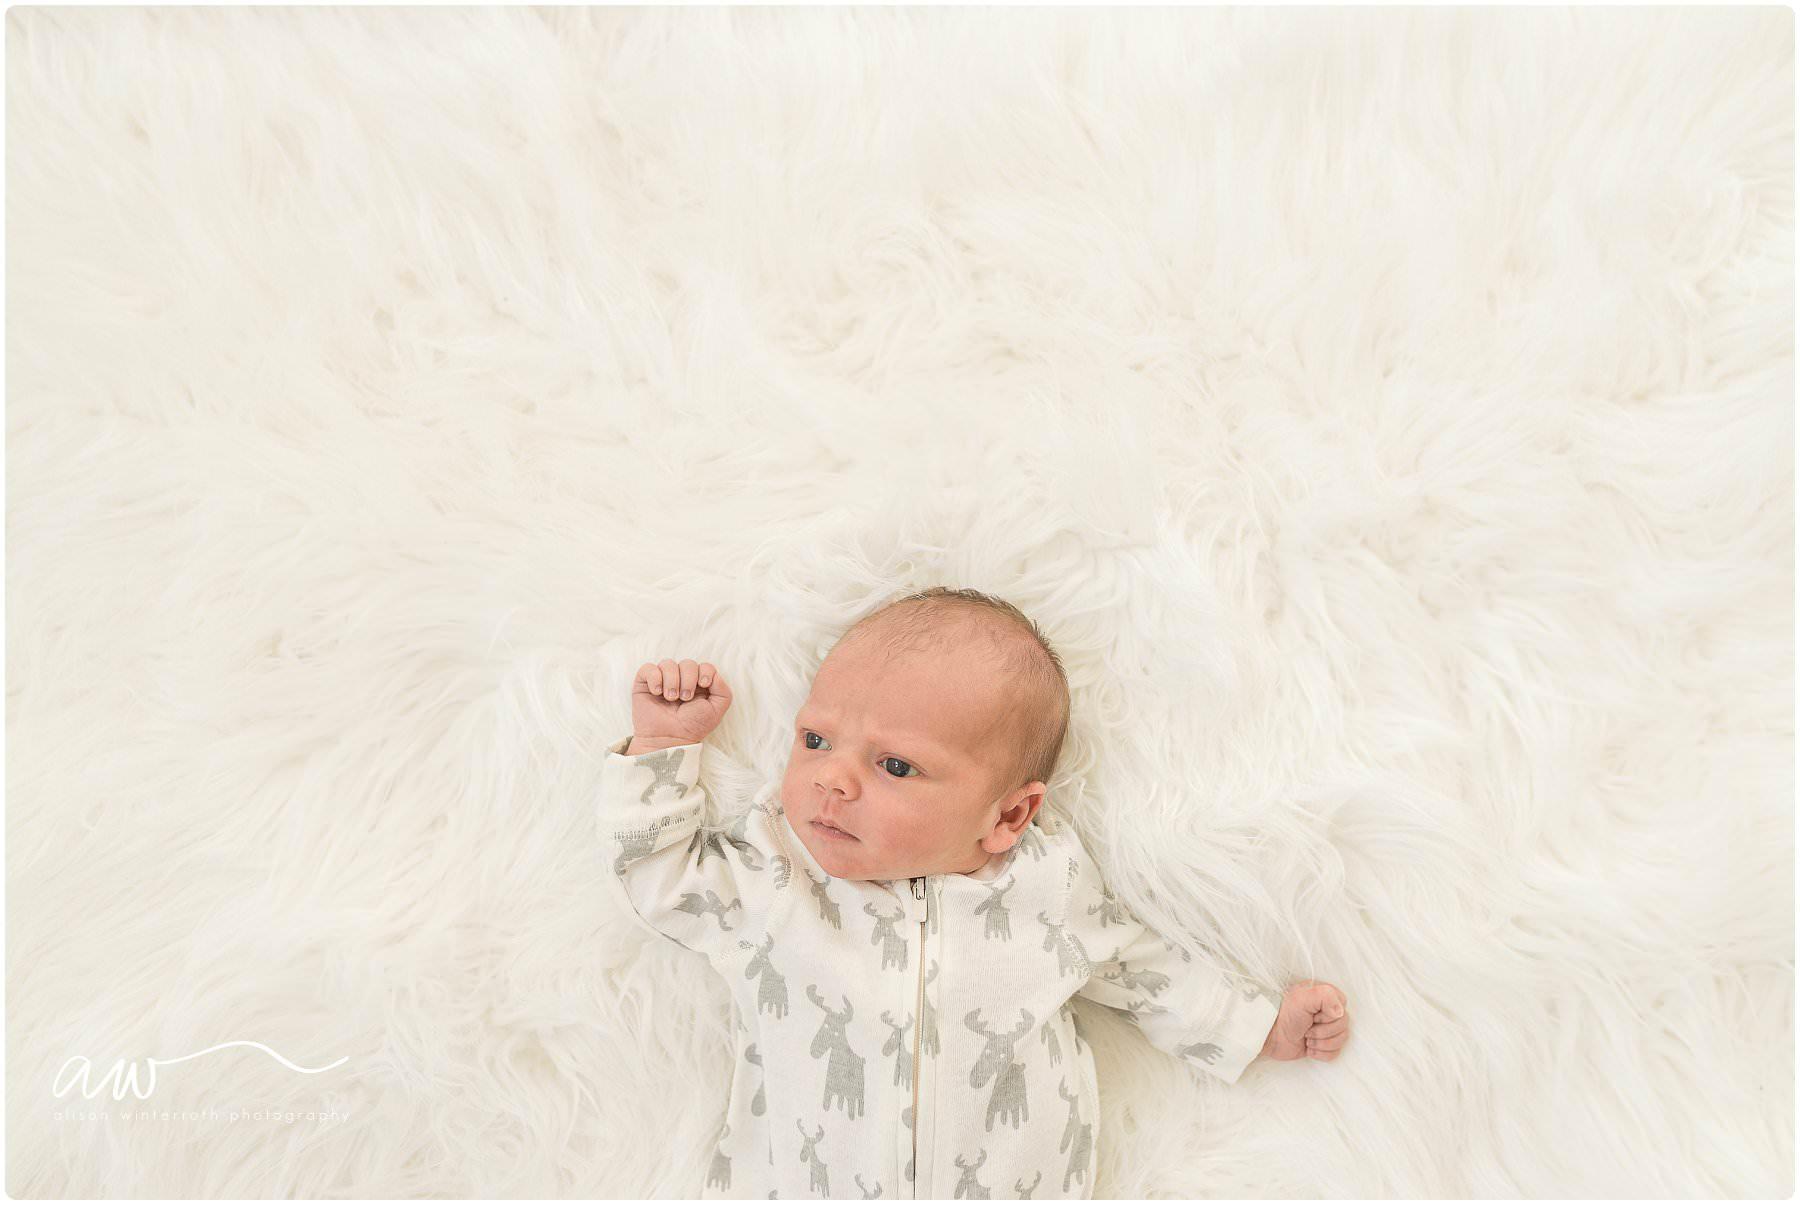 A newborn baby looks around on a white fur blanket